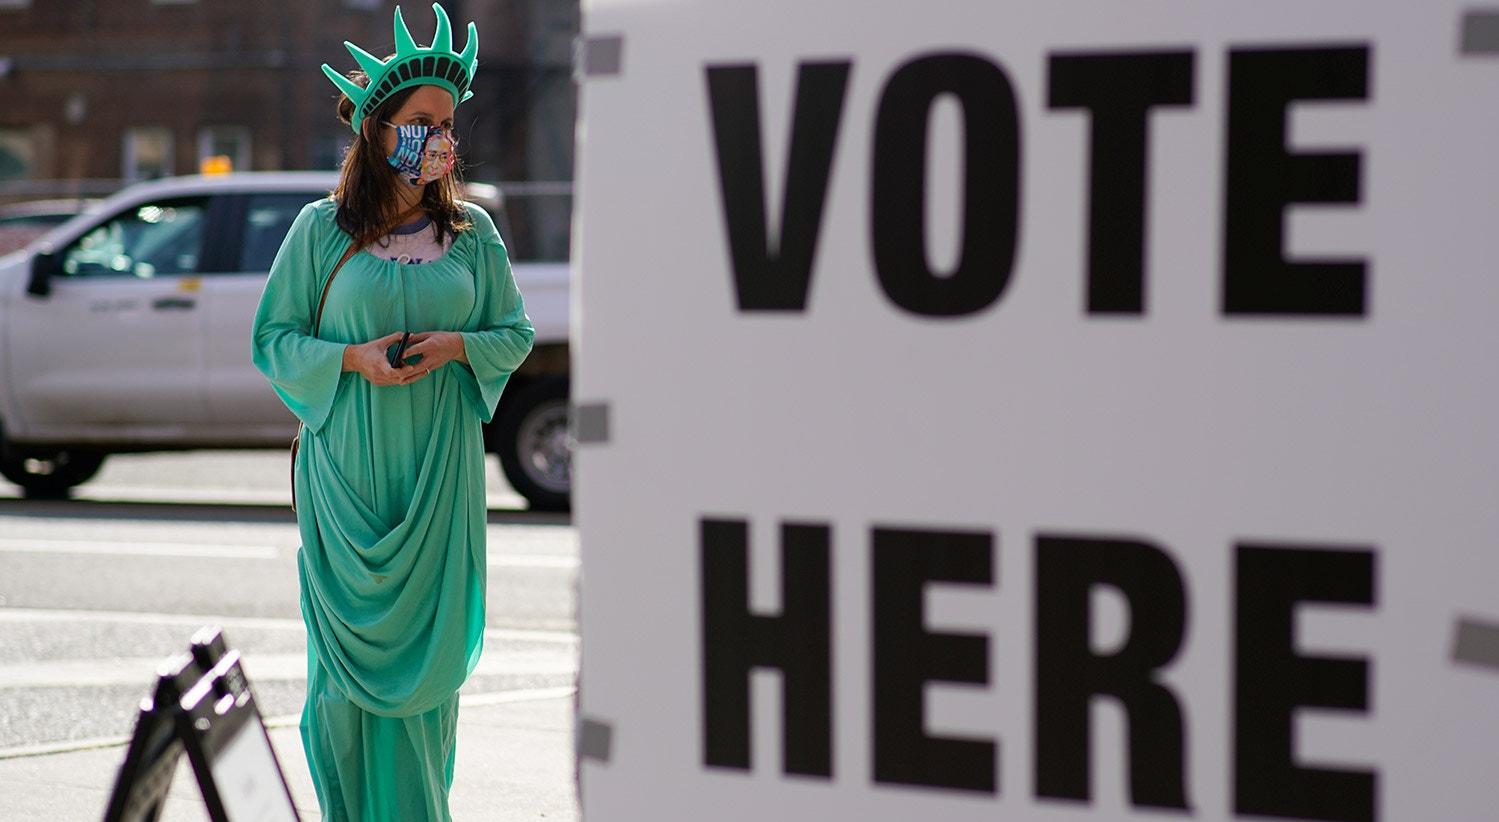 Uma mulher vestida de Estátua da Liberdade está perto de um local de votação no dia das eleições em Hoboken, Nova Jersey | REUTERS/Eduardo Munoz